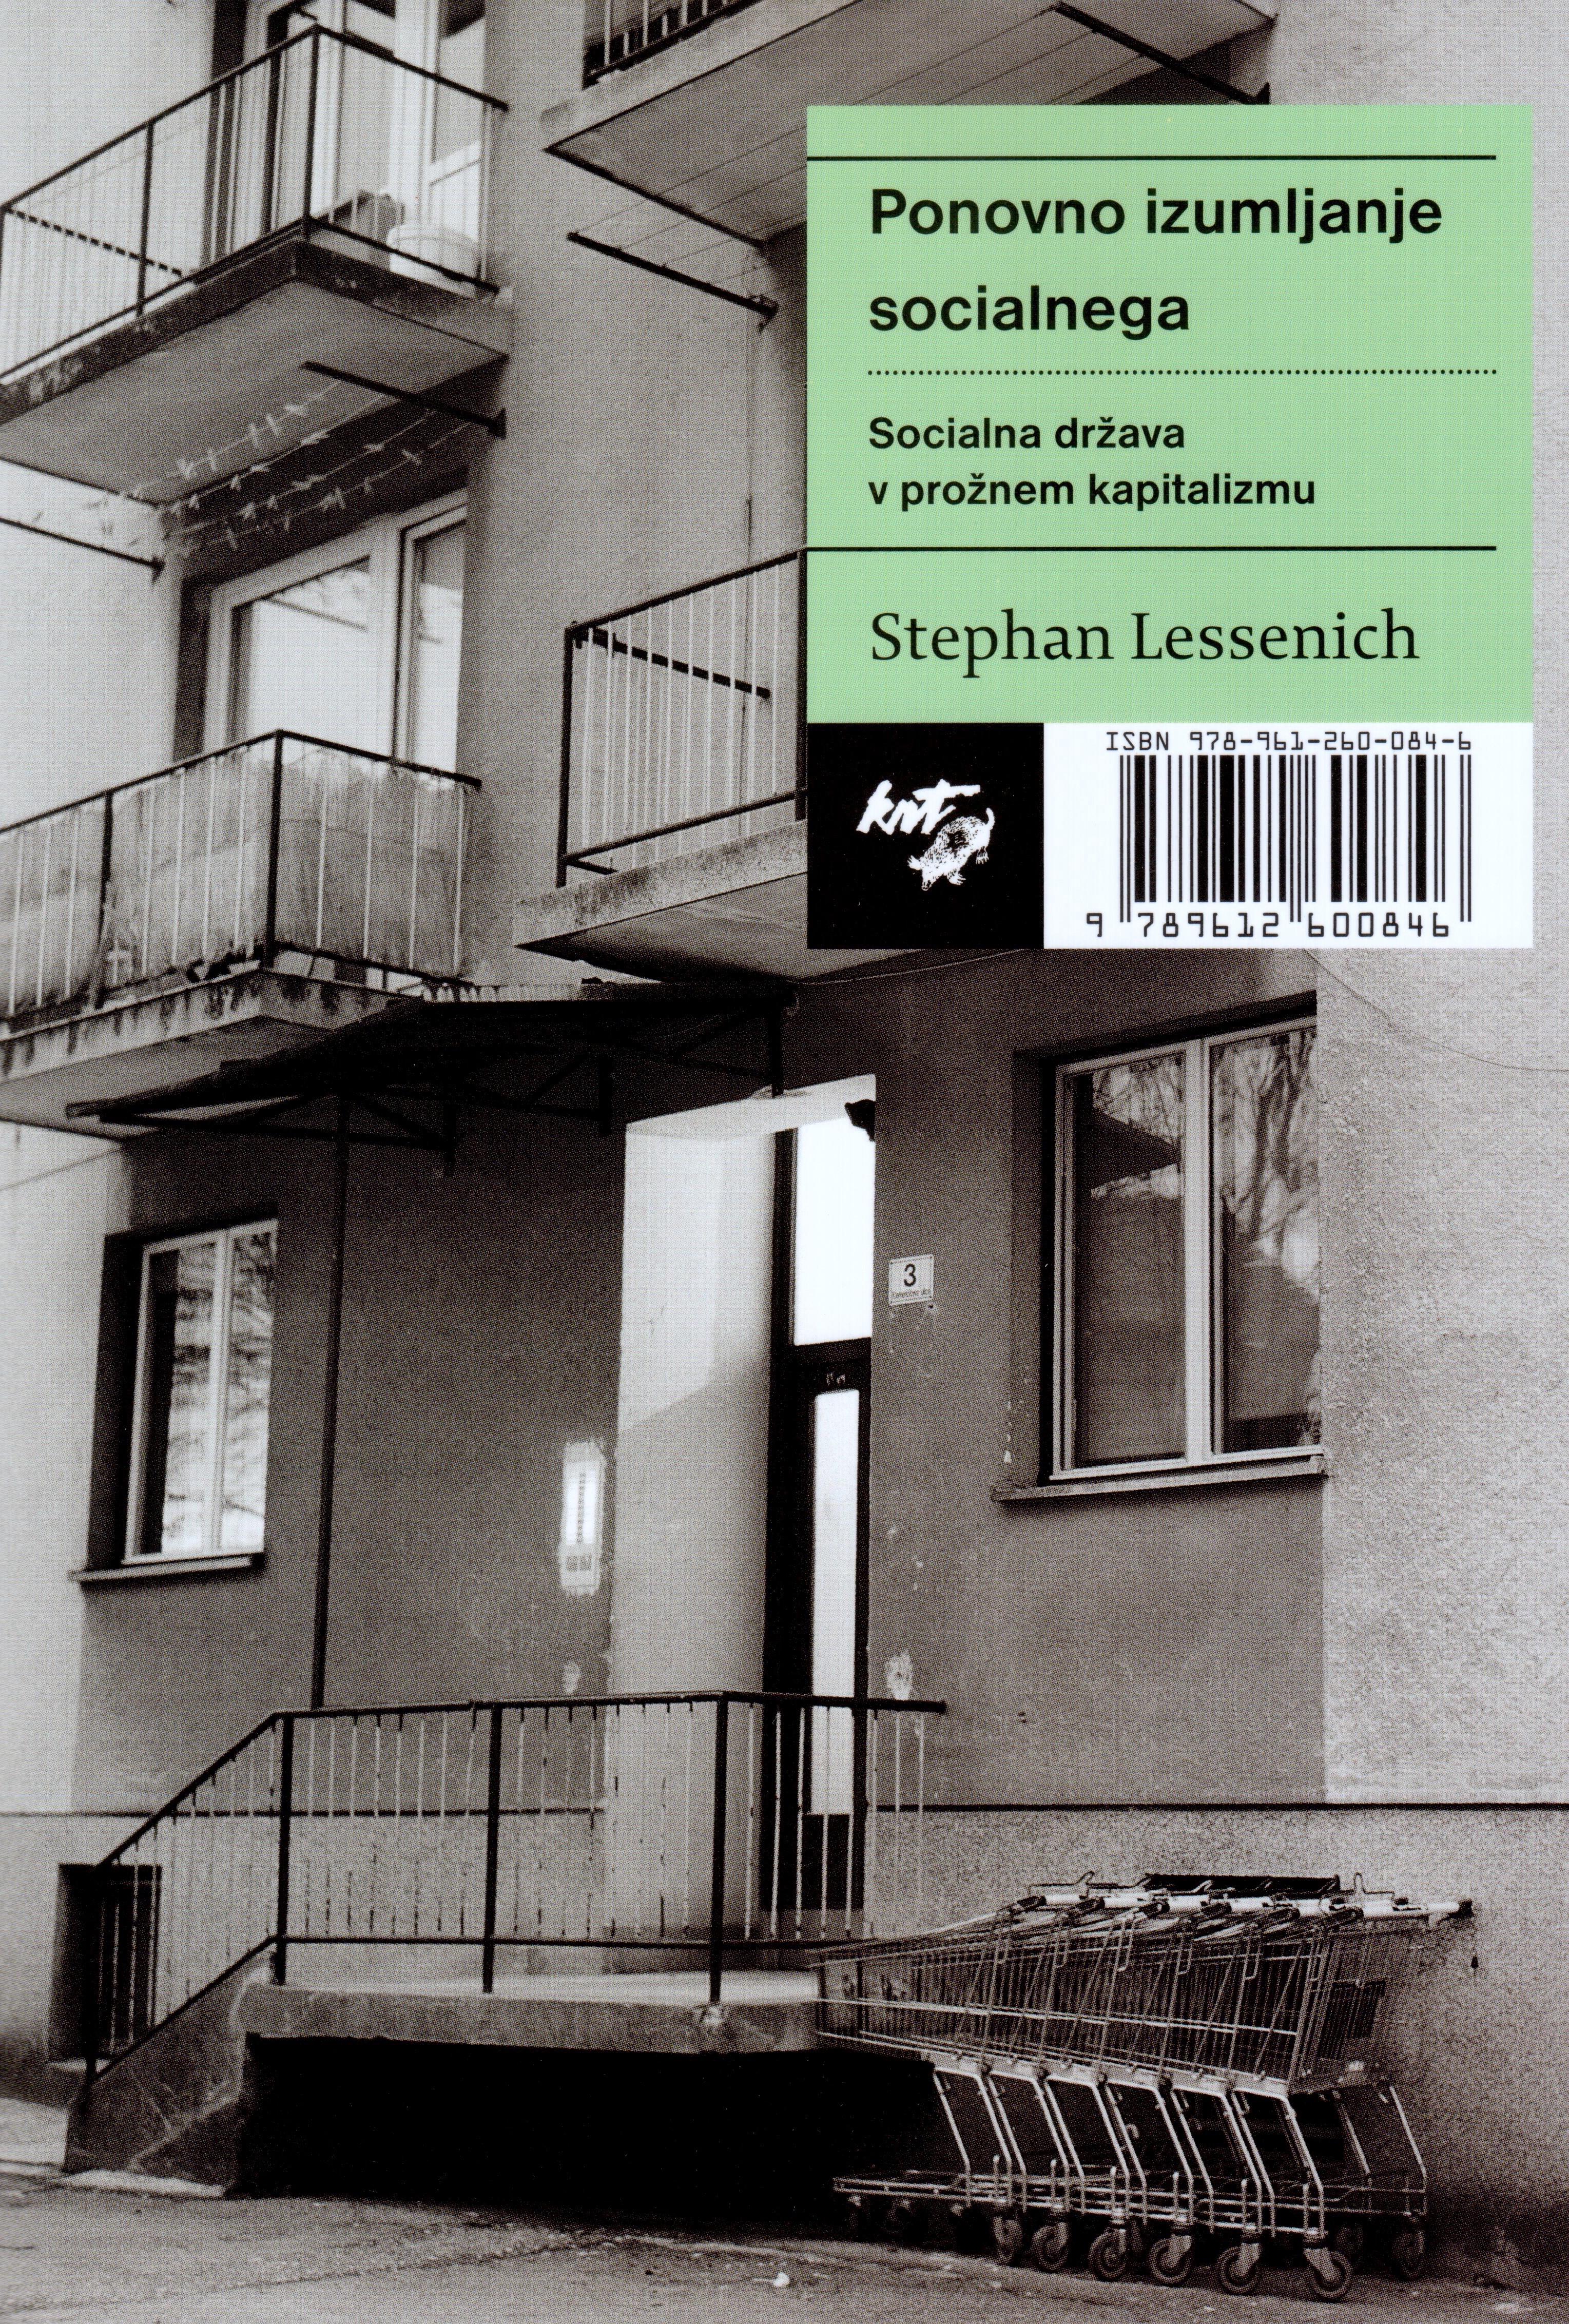 Stephan Lessenich: Ponovno izumljanje socialnega